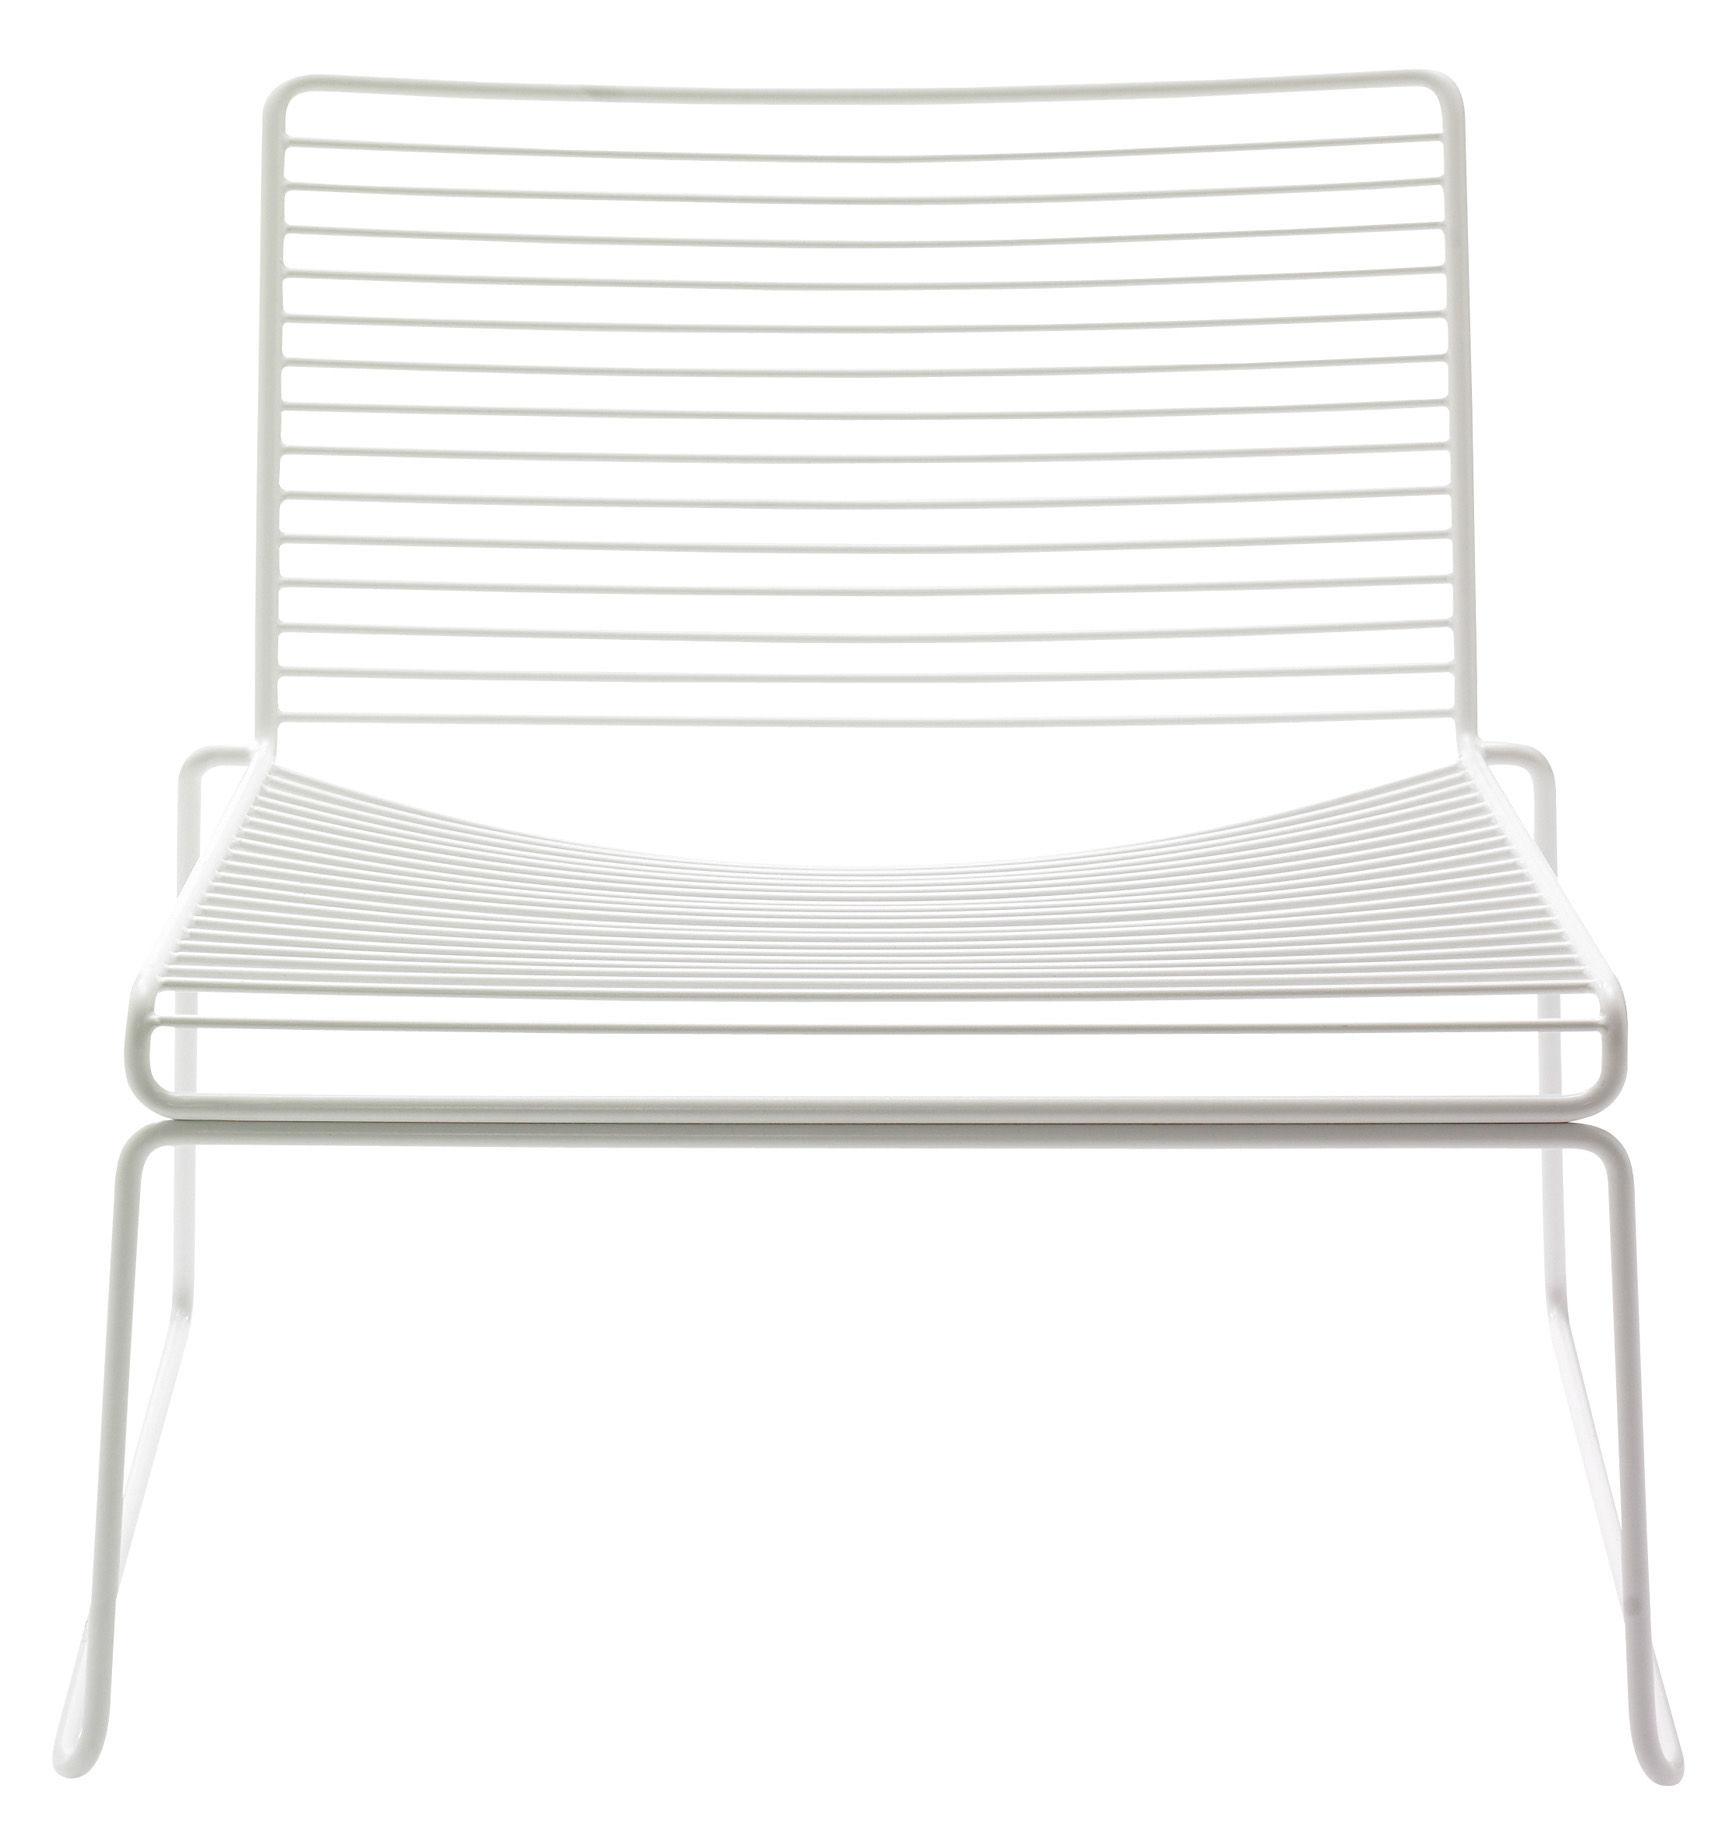 Arredamento - Poltrone design  - Poltrona bassa Hee - Poltrona bassa di Hay - Bianco - Acciaio laccato